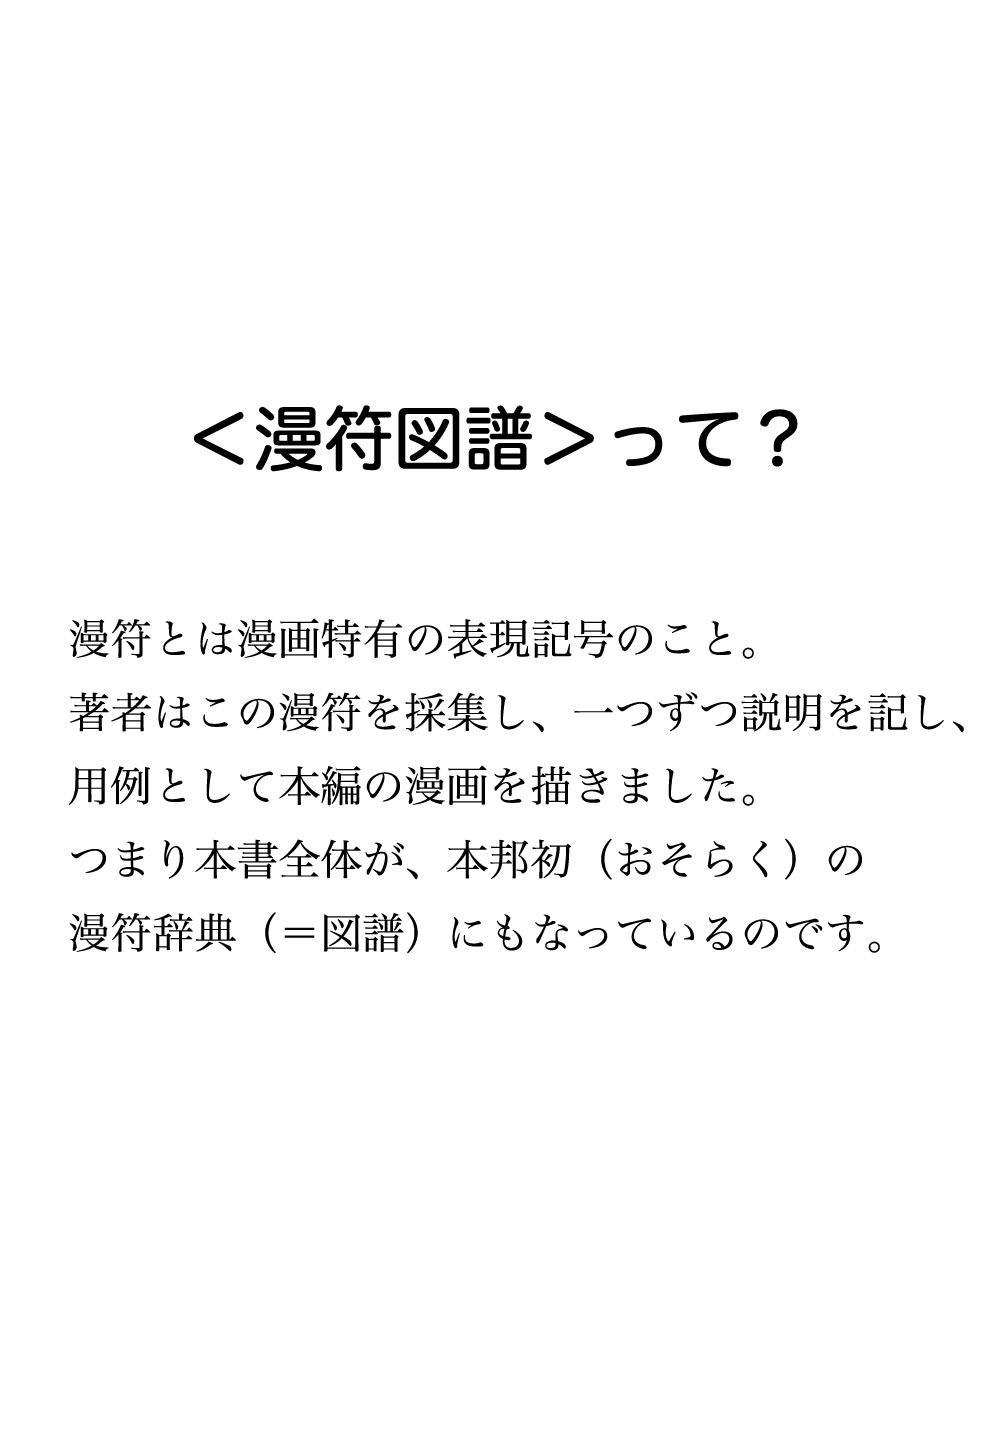 01-1-1.jpg